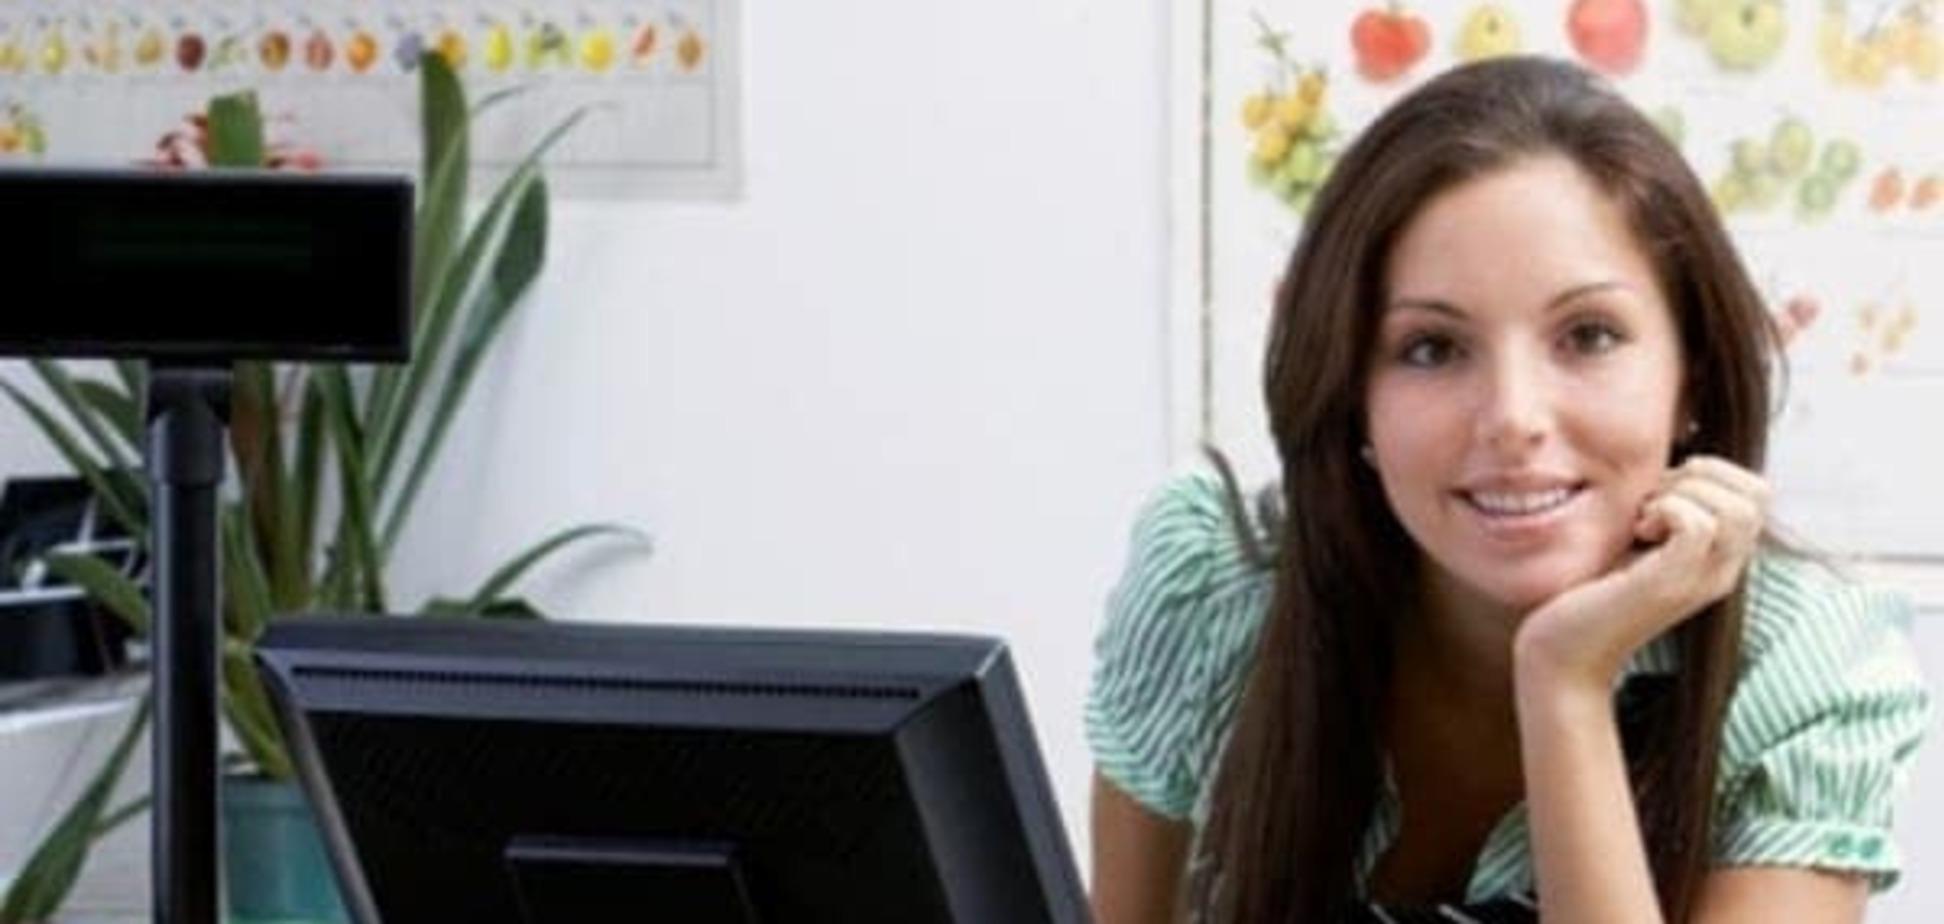 Работа и семья: уход за детьми и хобби - как двигатели карьеры